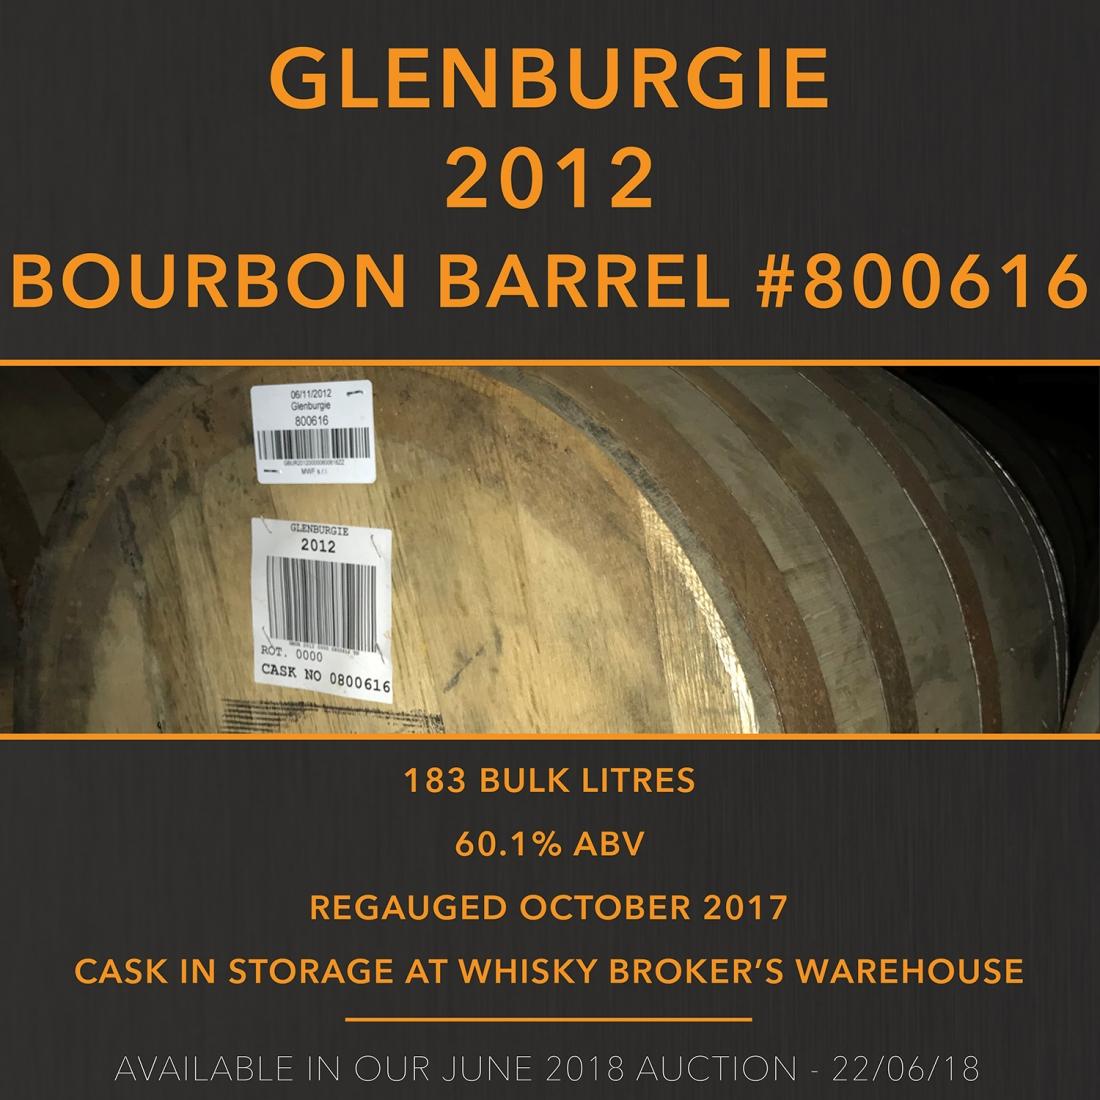 1 Glenburgie 2012 Bourbon Barrel #800616 / Cask in storage at Whisky Broker